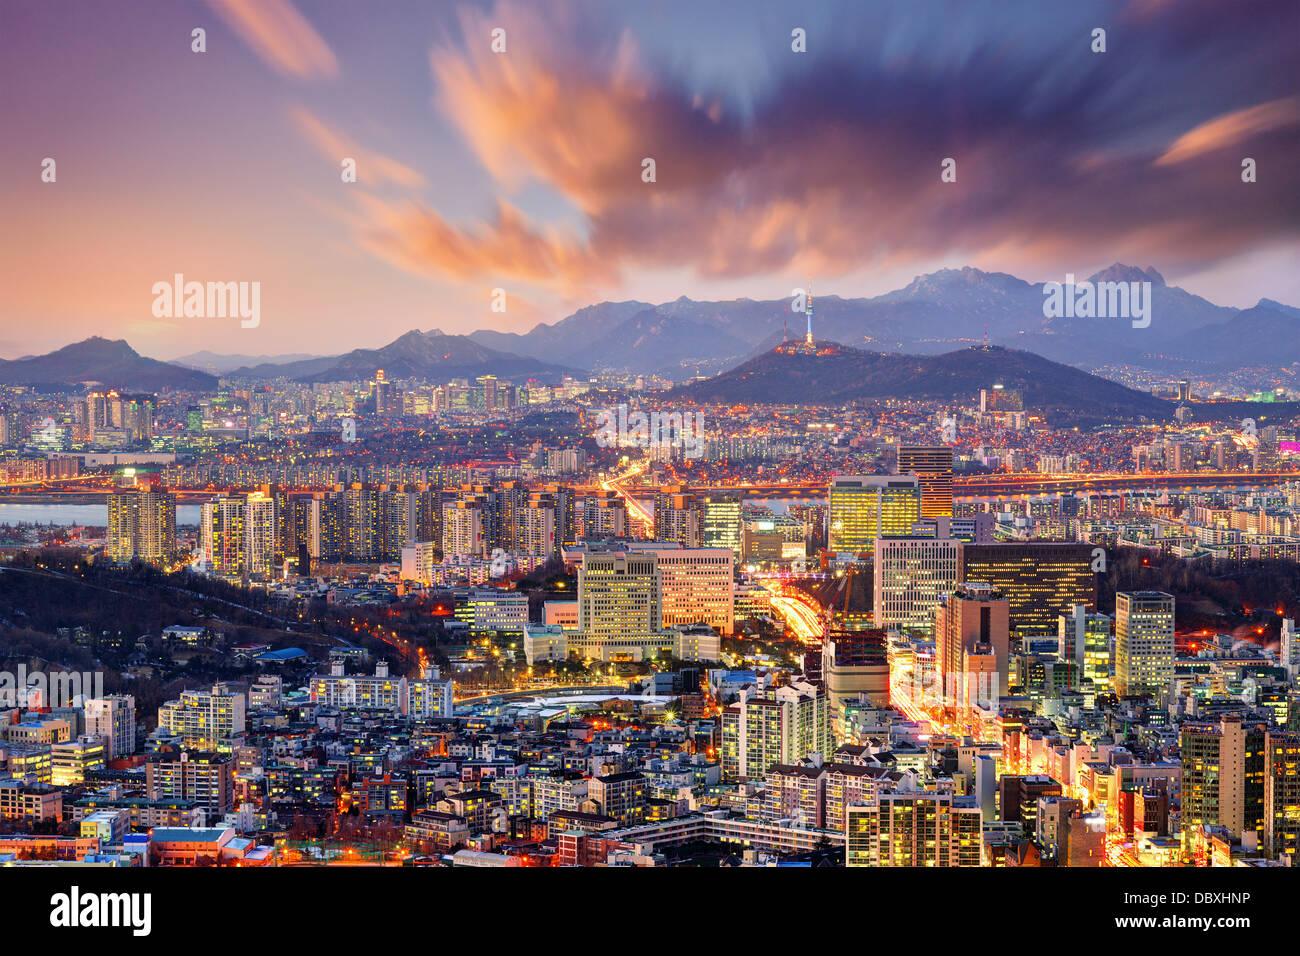 Downtown di Seul, Corea del Sud, Stati Uniti d'America. Immagini Stock